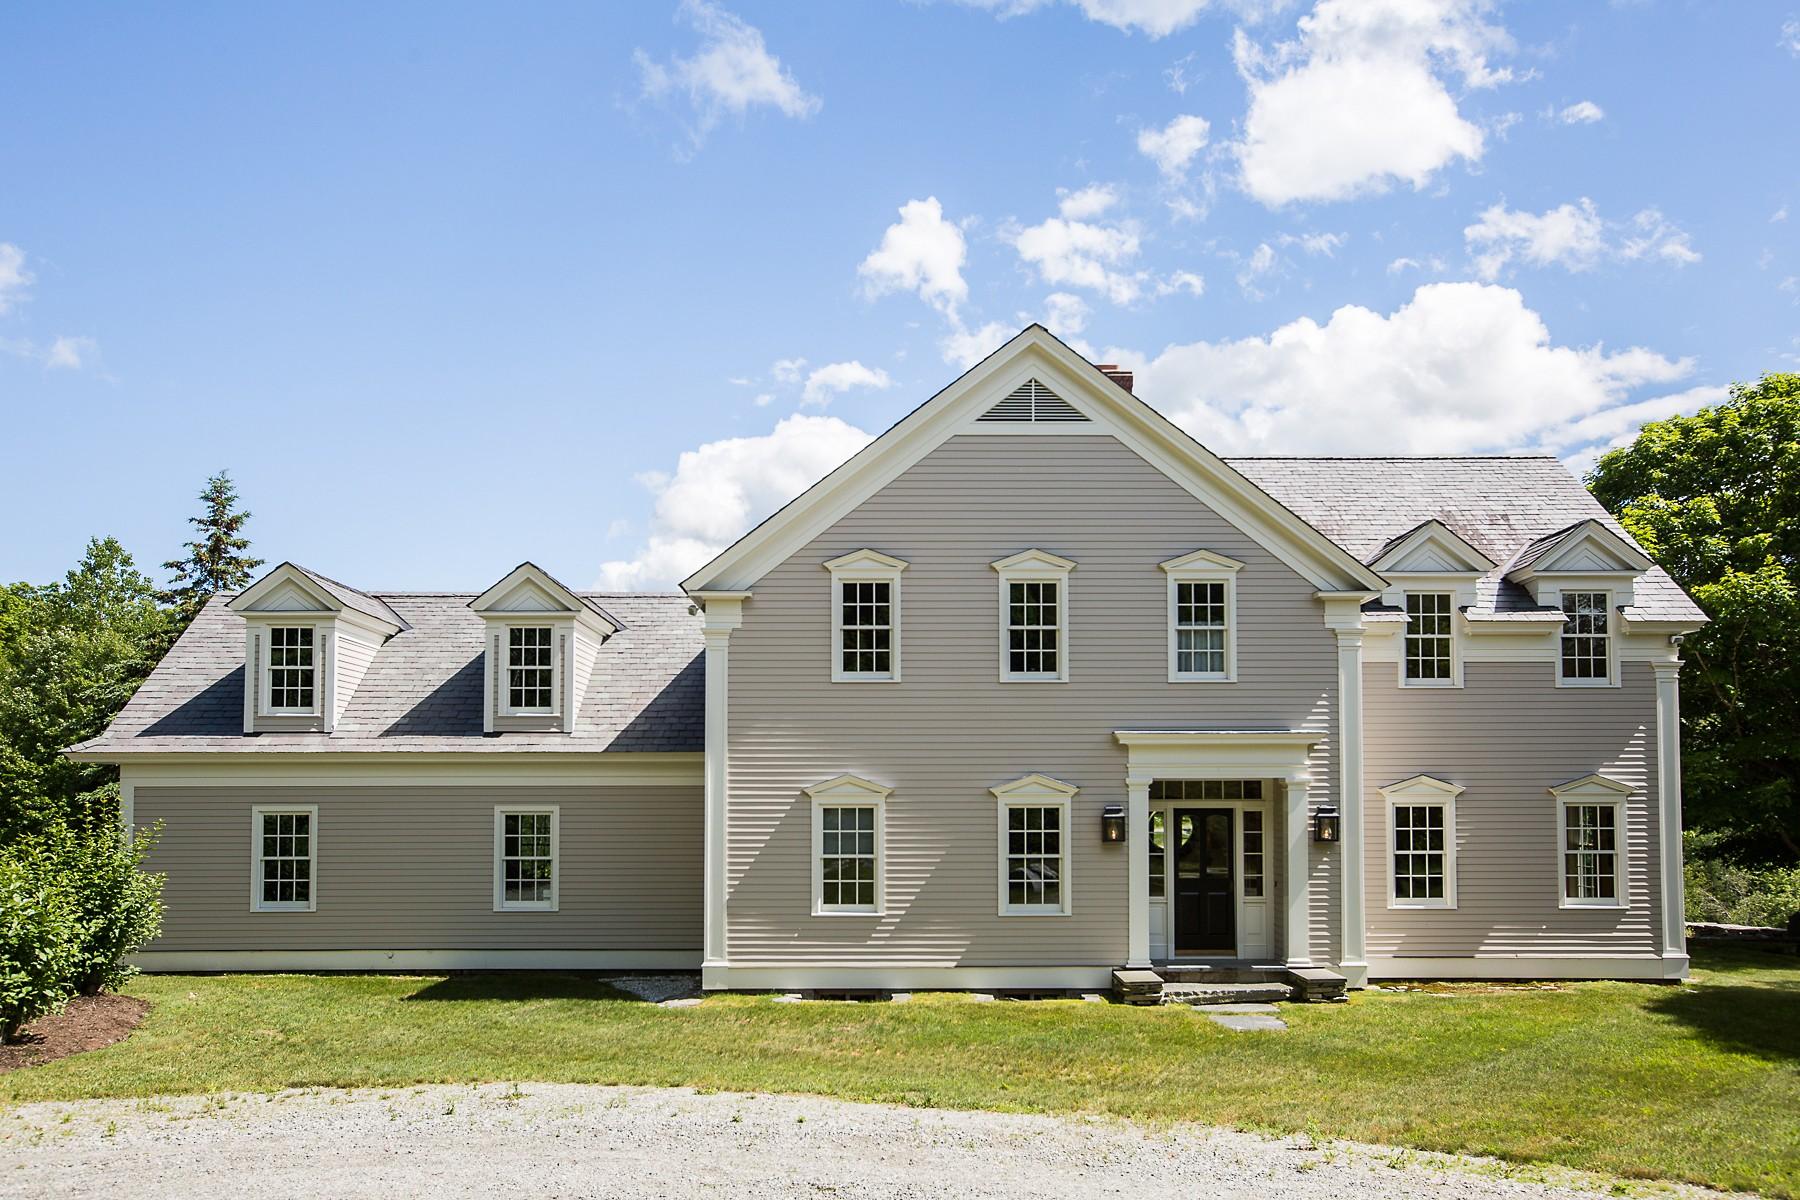 Maison unifamiliale pour l Vente à 1426 Goodaleville Rd, Londonderry Londonderry, Vermont, 05155 États-Unis